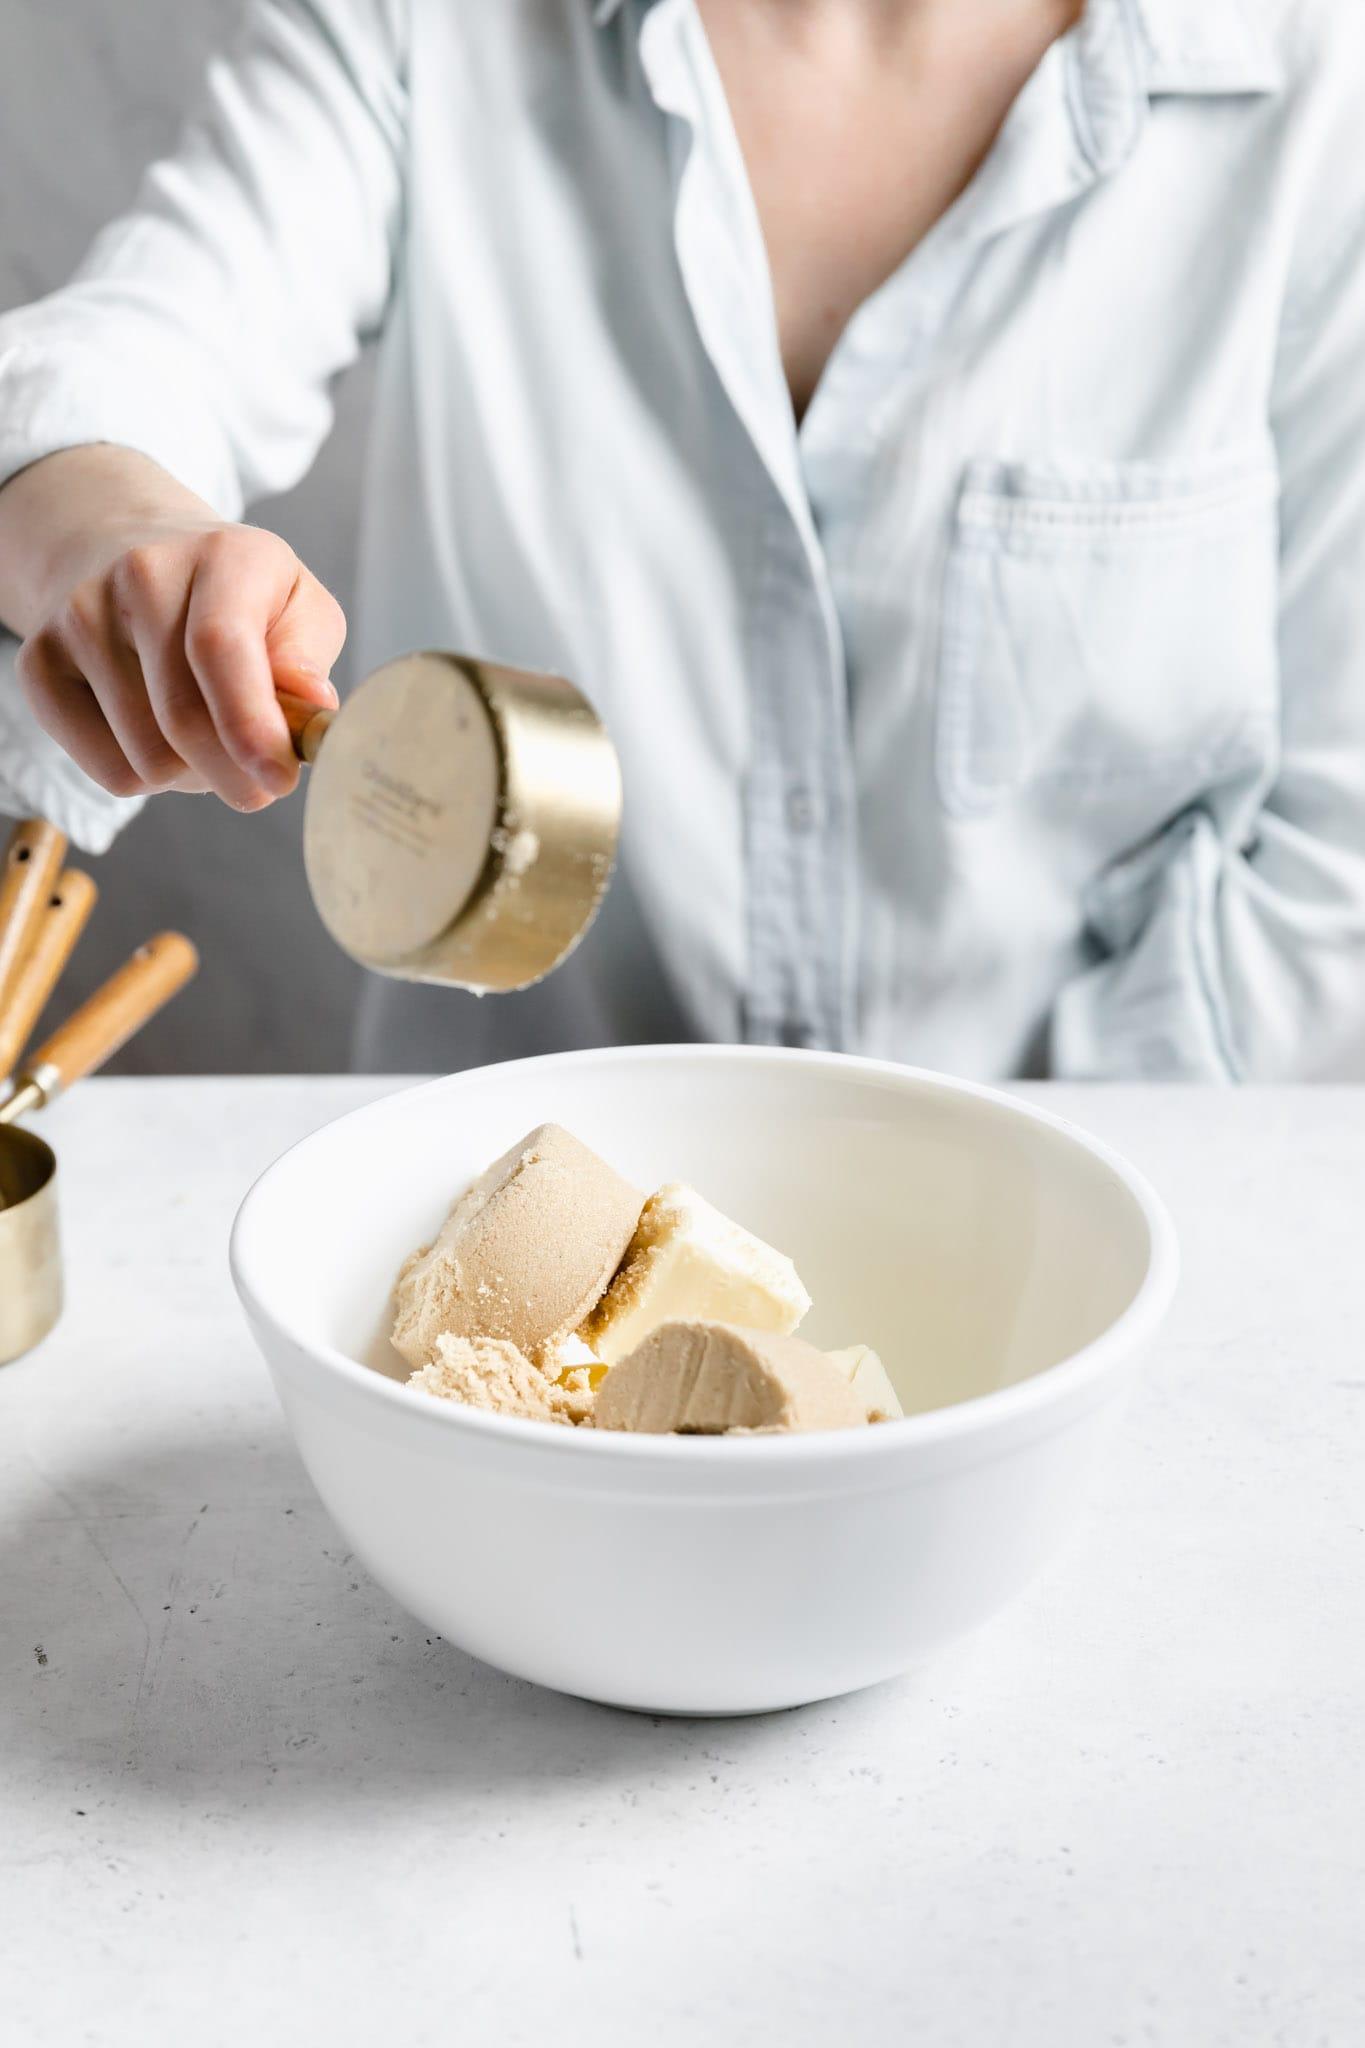 Fudgy AND cakey brownies bárki vágyának kielégítésére.  Ez a lépésről lépésre elkészített recept pontosan lebontja, hogyan lehet a legjobb brownie-t elkészíteni.